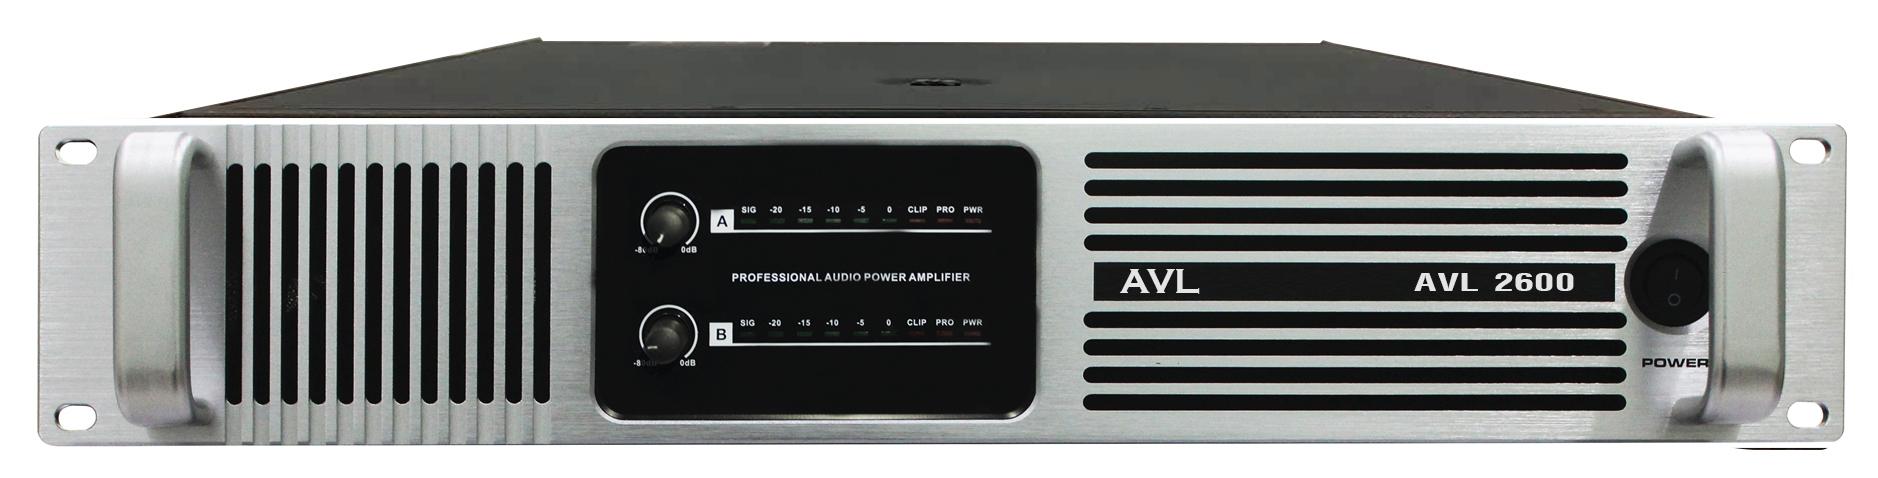 Bộ khuếch đại liền công suất  AVL 2600